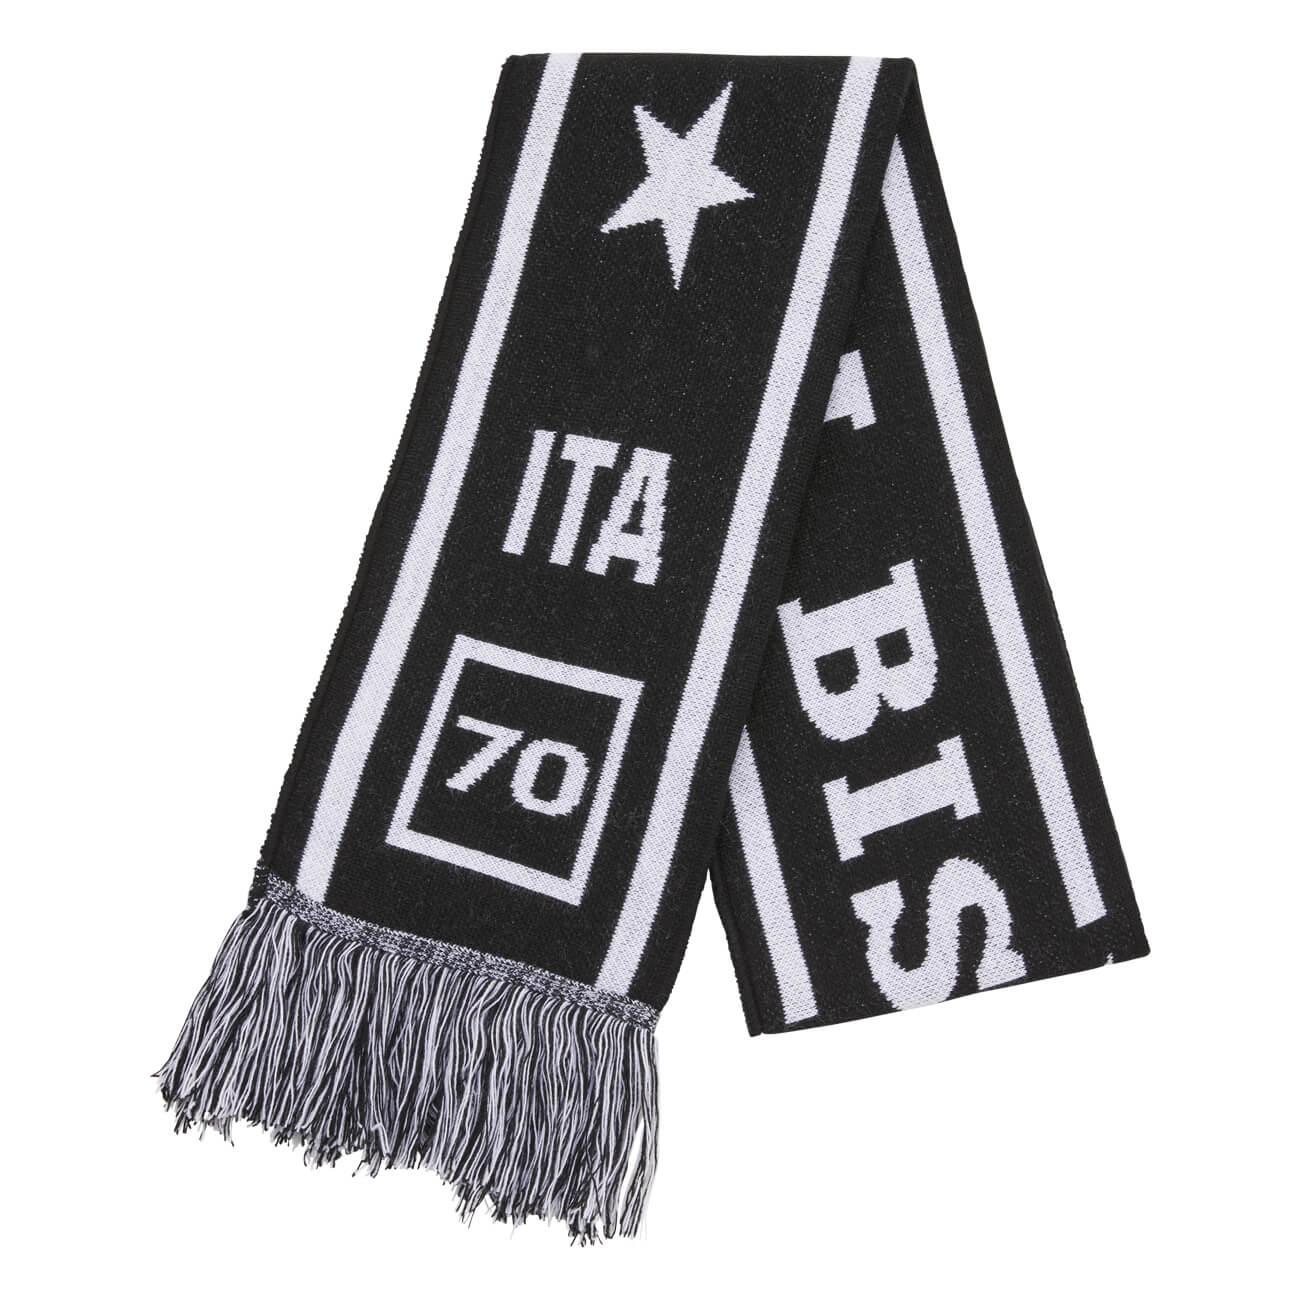 IL BISONTE (イル ビゾンテ) 日本公式オンラインストア マフラー 54192309581